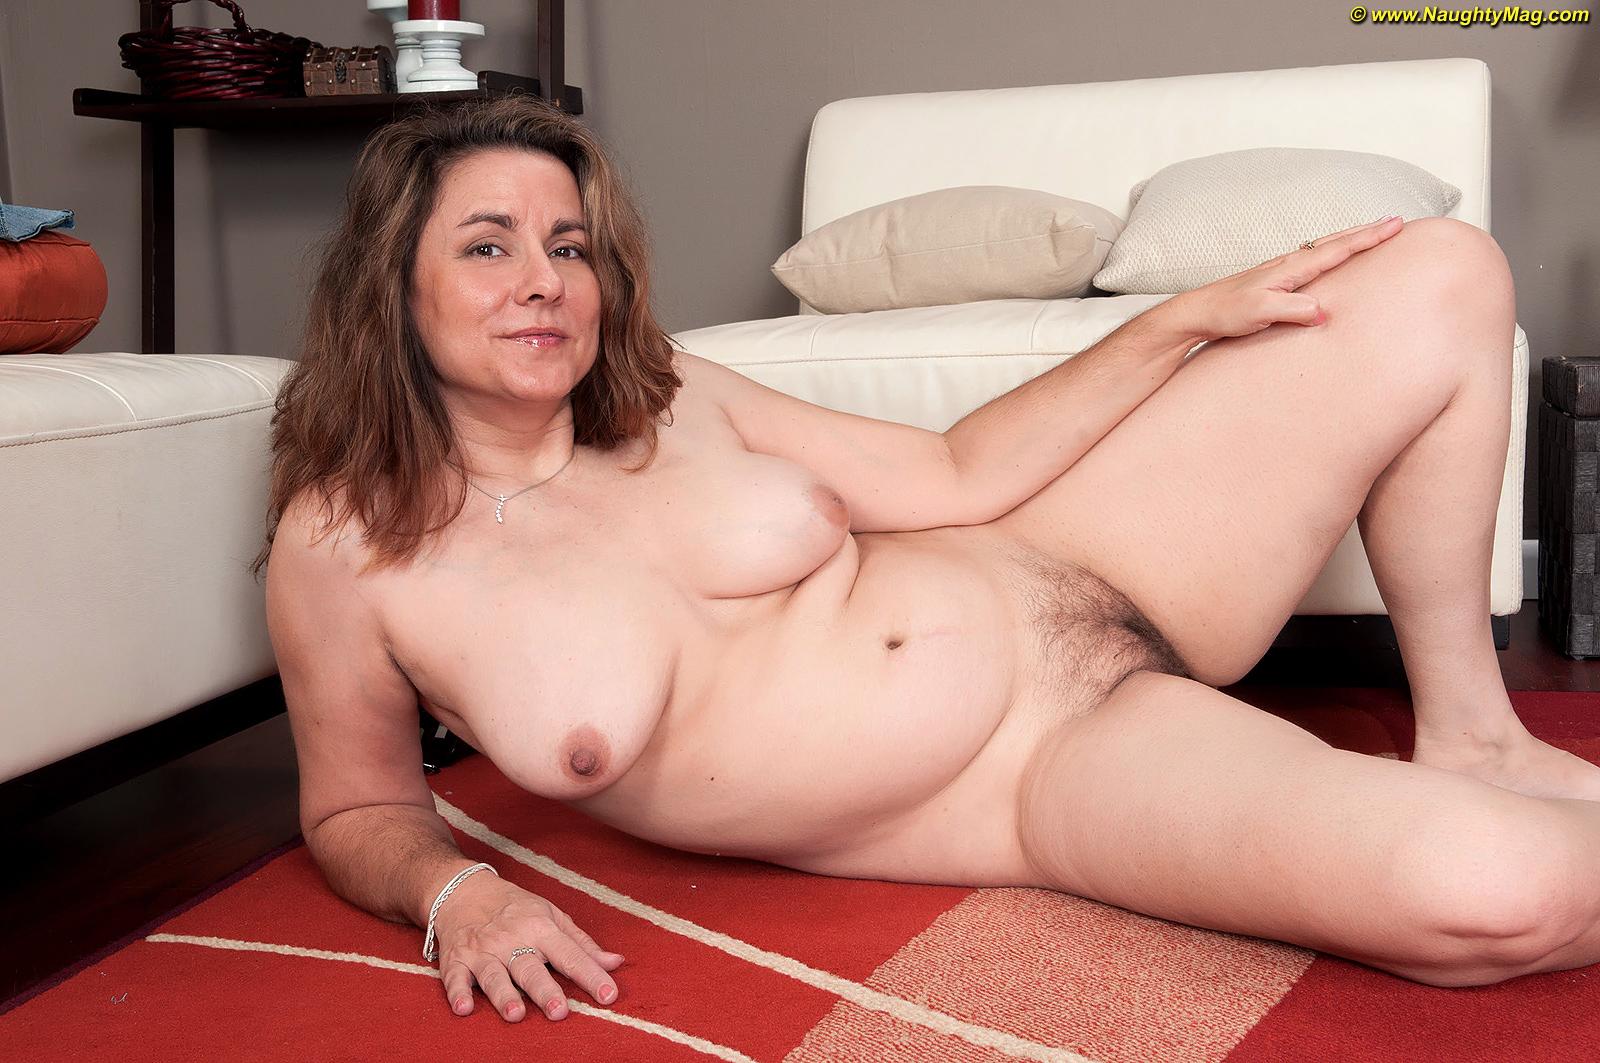 Peliculas Porno De Mirie Mooror naughty mag gia marie a practising cougar! 353512 - good sex